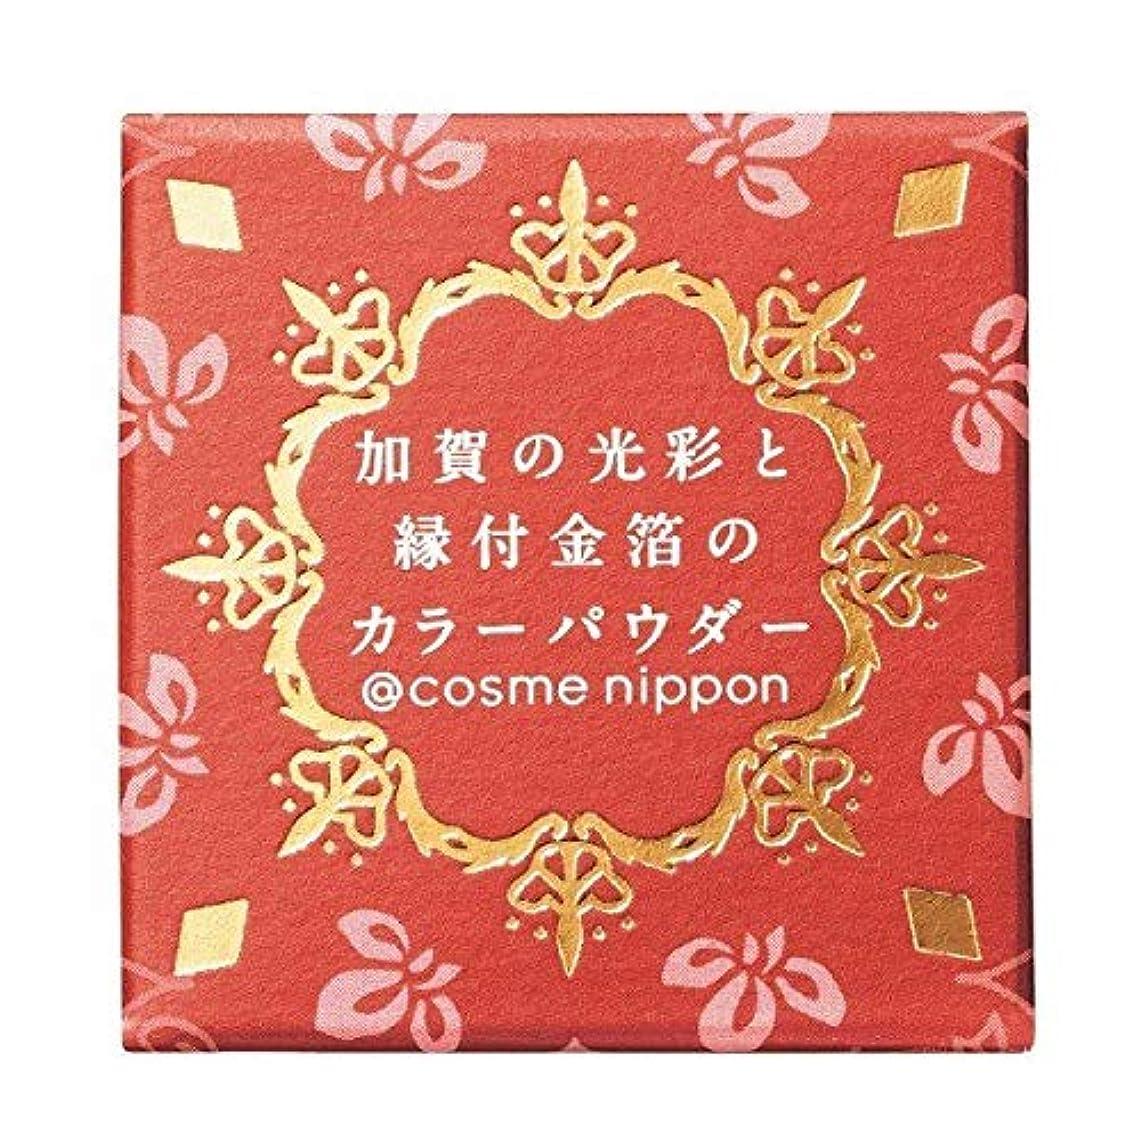 懲戒拡張練習した友禅工芸 すずらん加賀の光彩と縁付け金箔のカラーパウダー08茜あかね